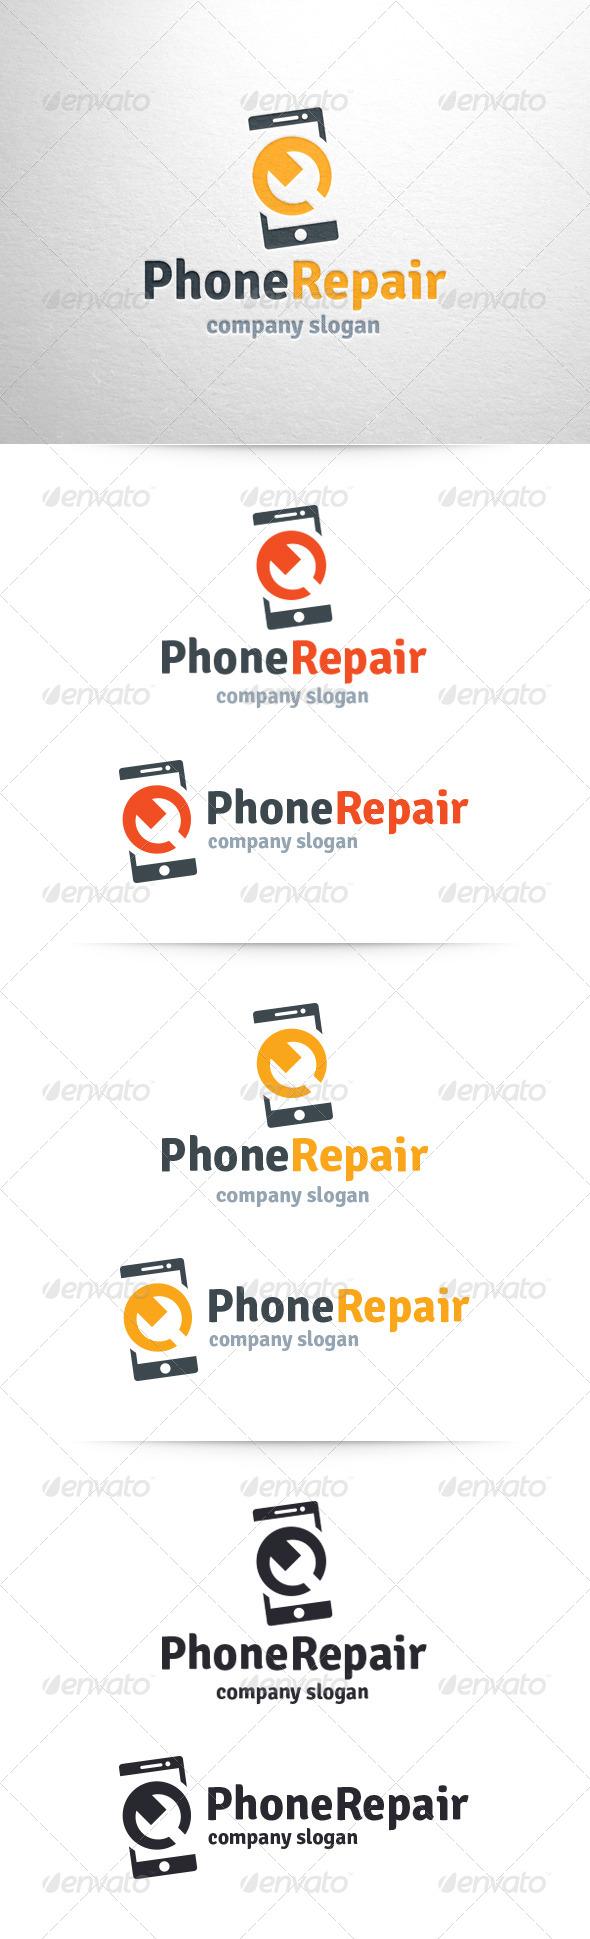 Phone Repair Logo Template